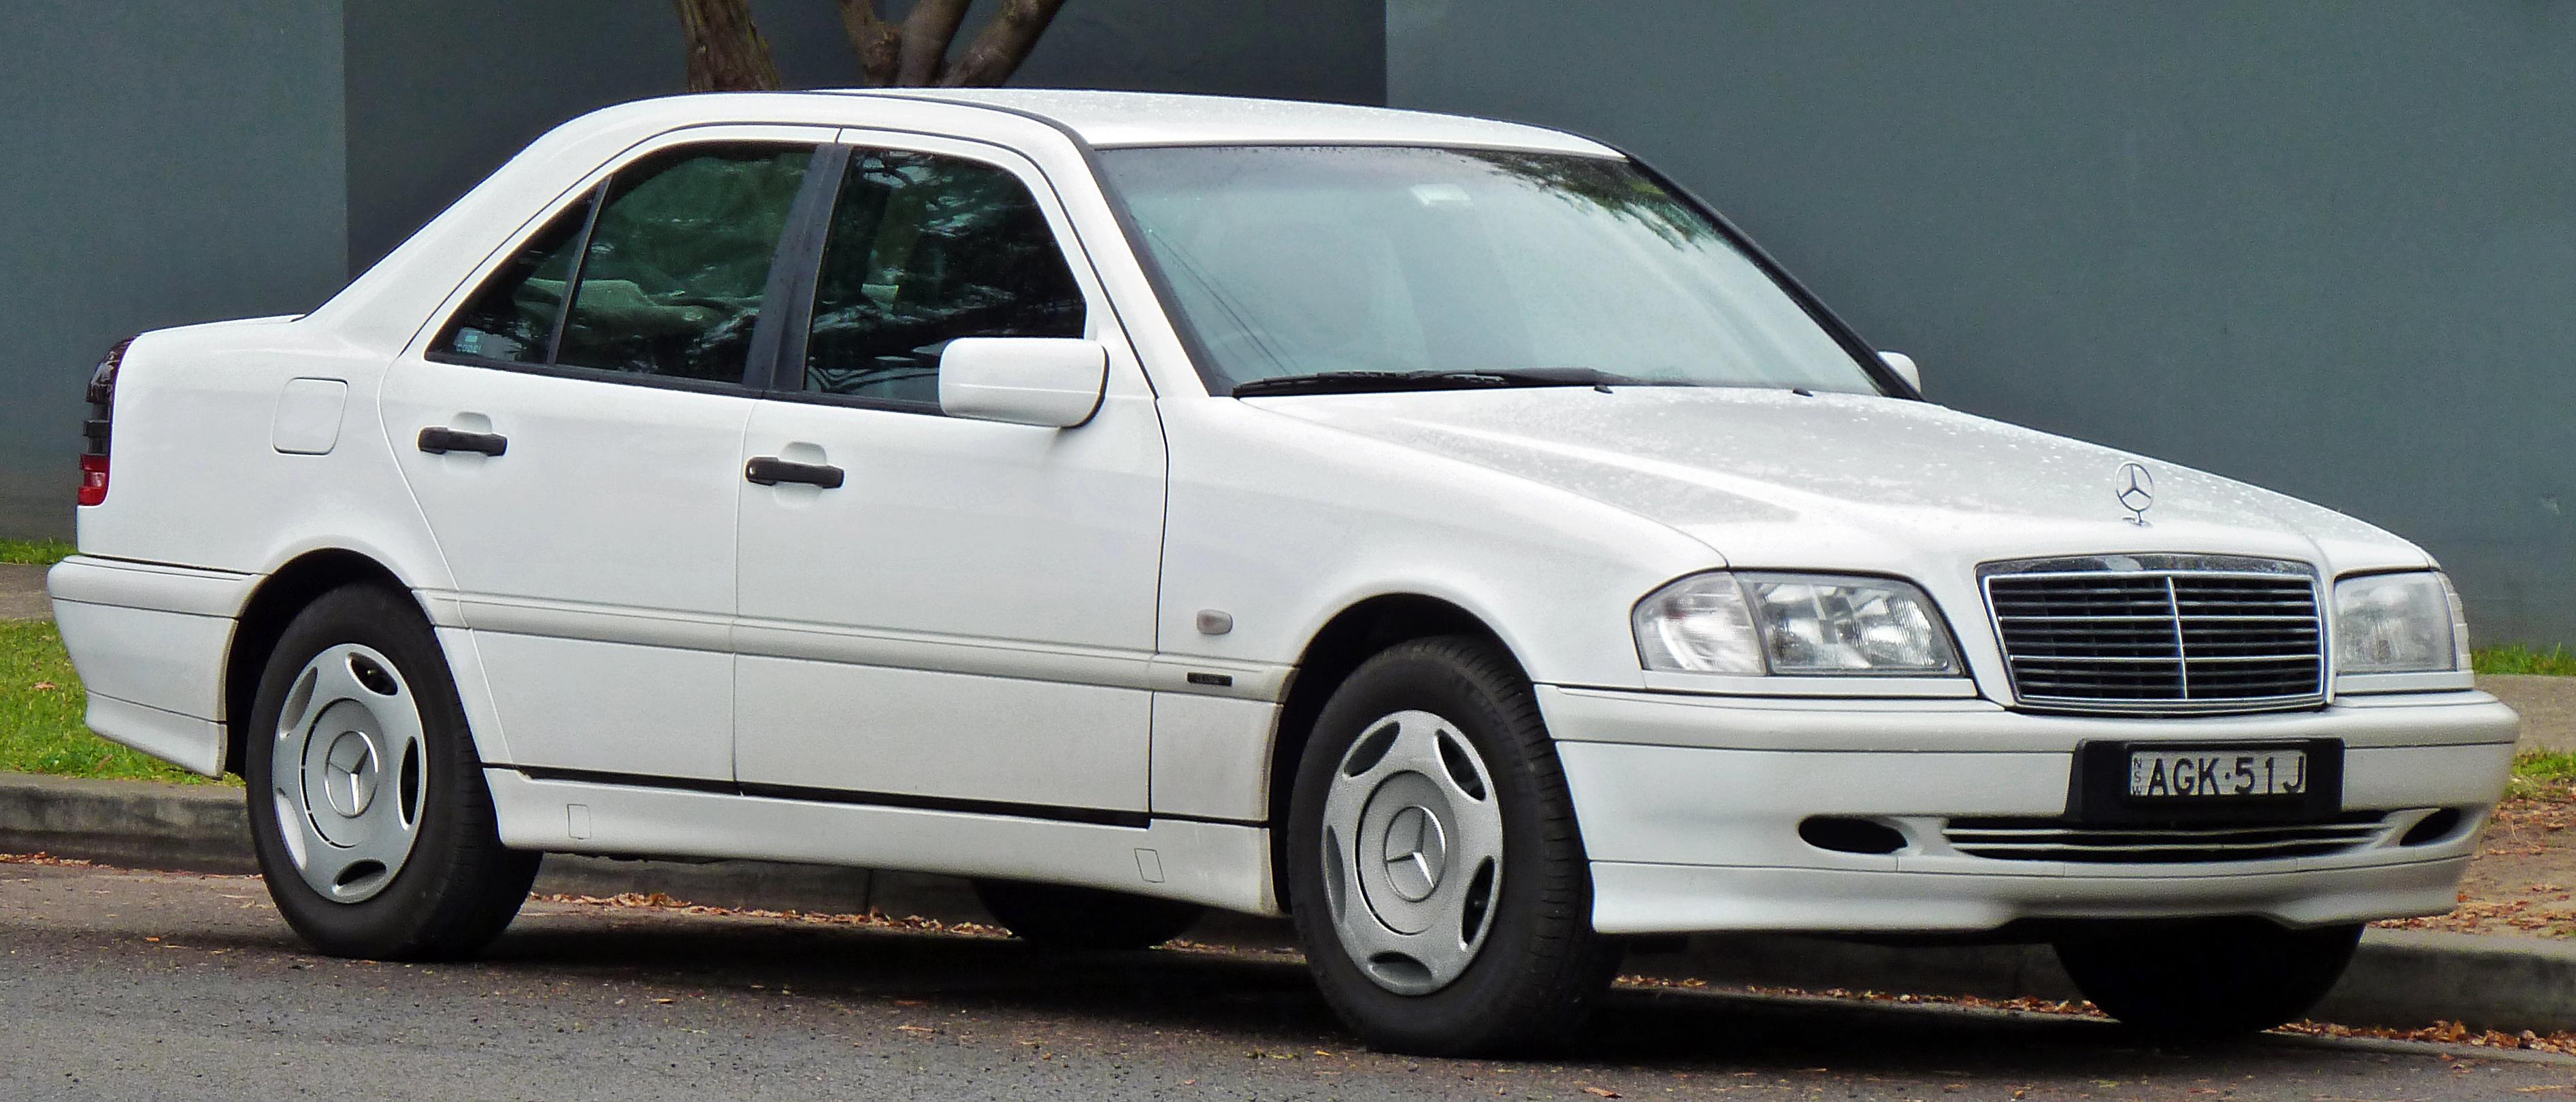 Mercedes benz c class w202 wikiwand for Mercedes benz c class 1998